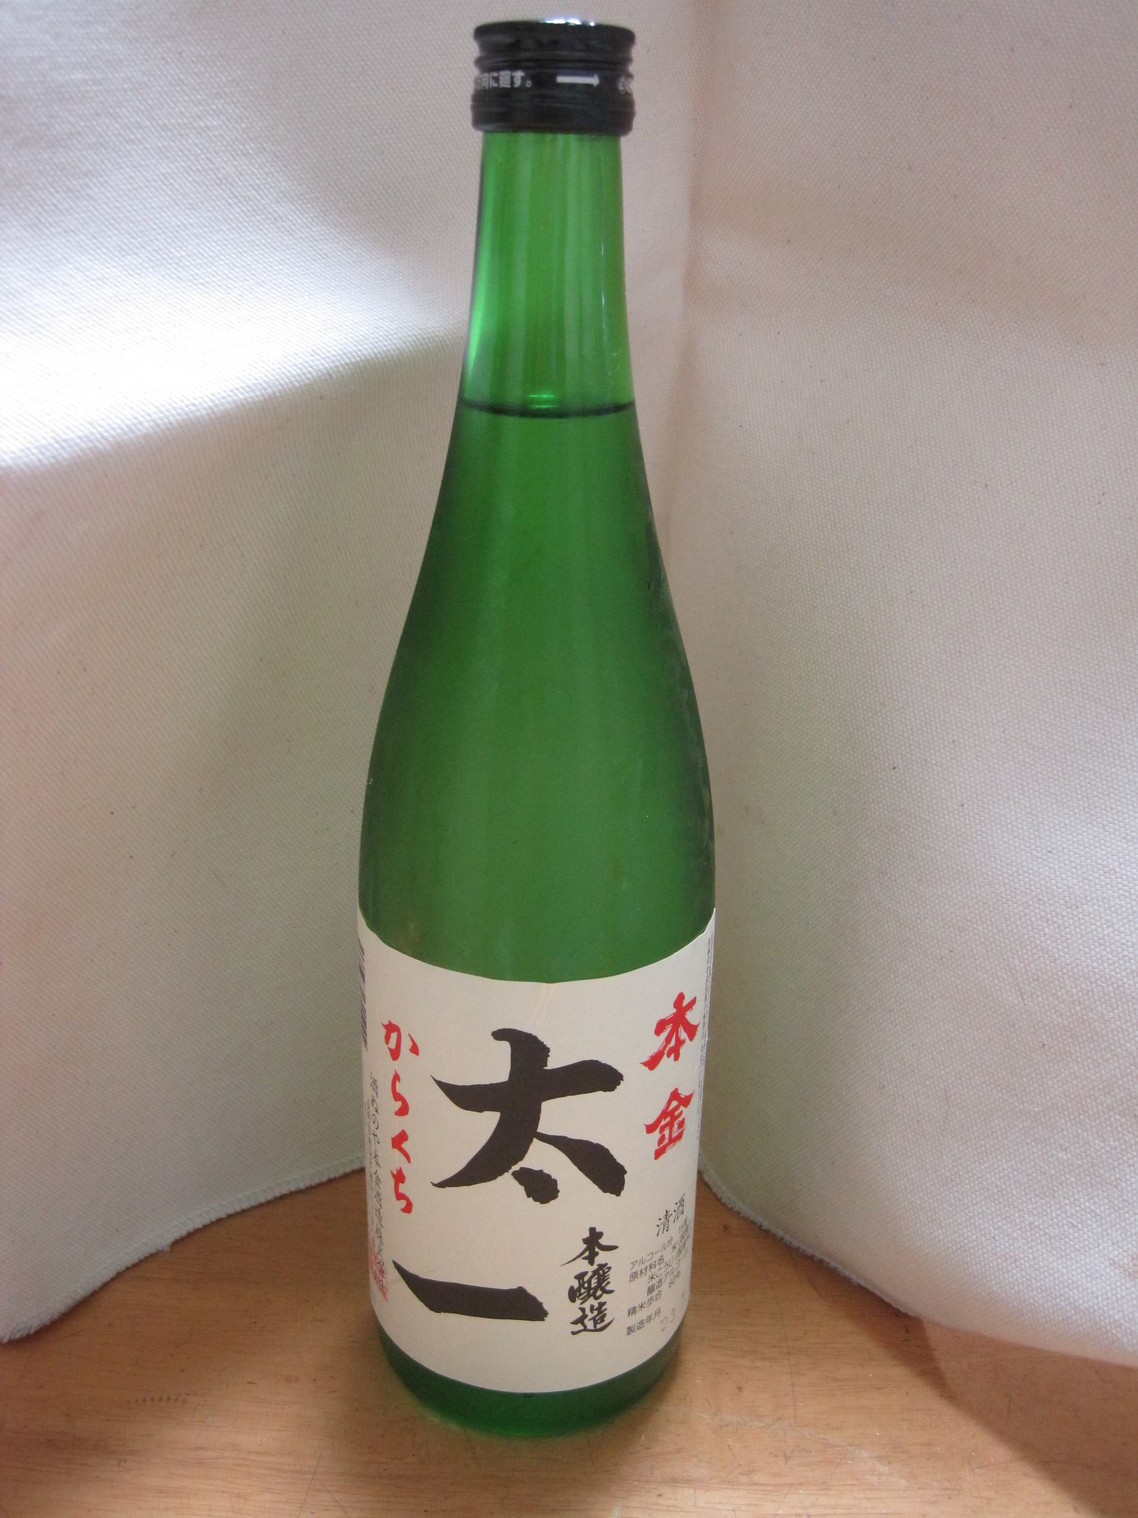 酒ぬのや本金酒造 name=